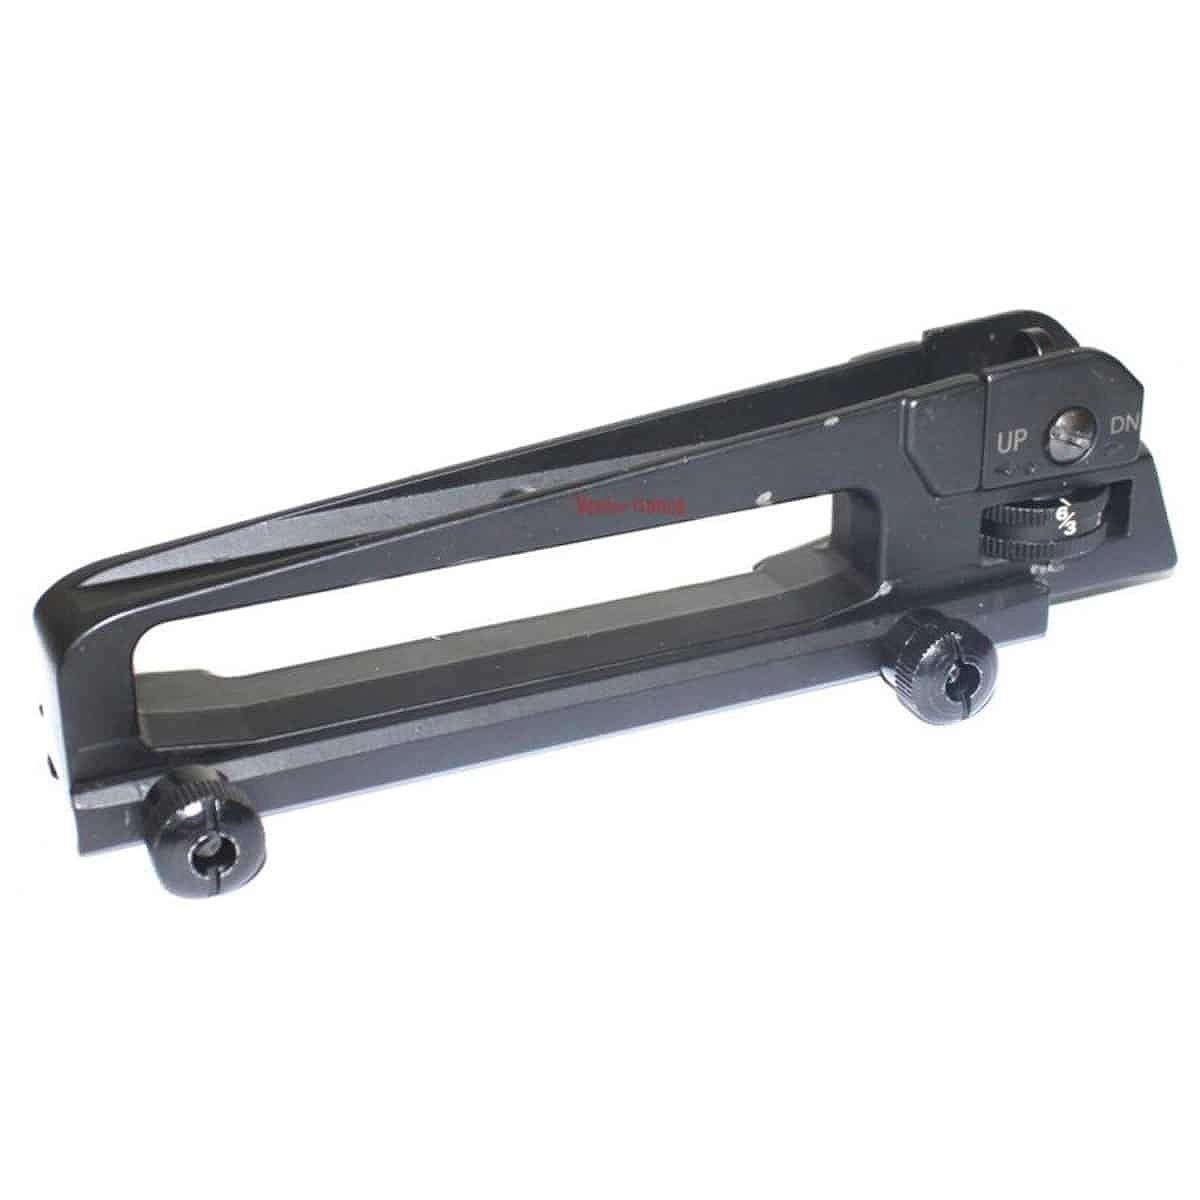 ベクターオプティクス  Carry Handle  Vector Optics SCOT-16